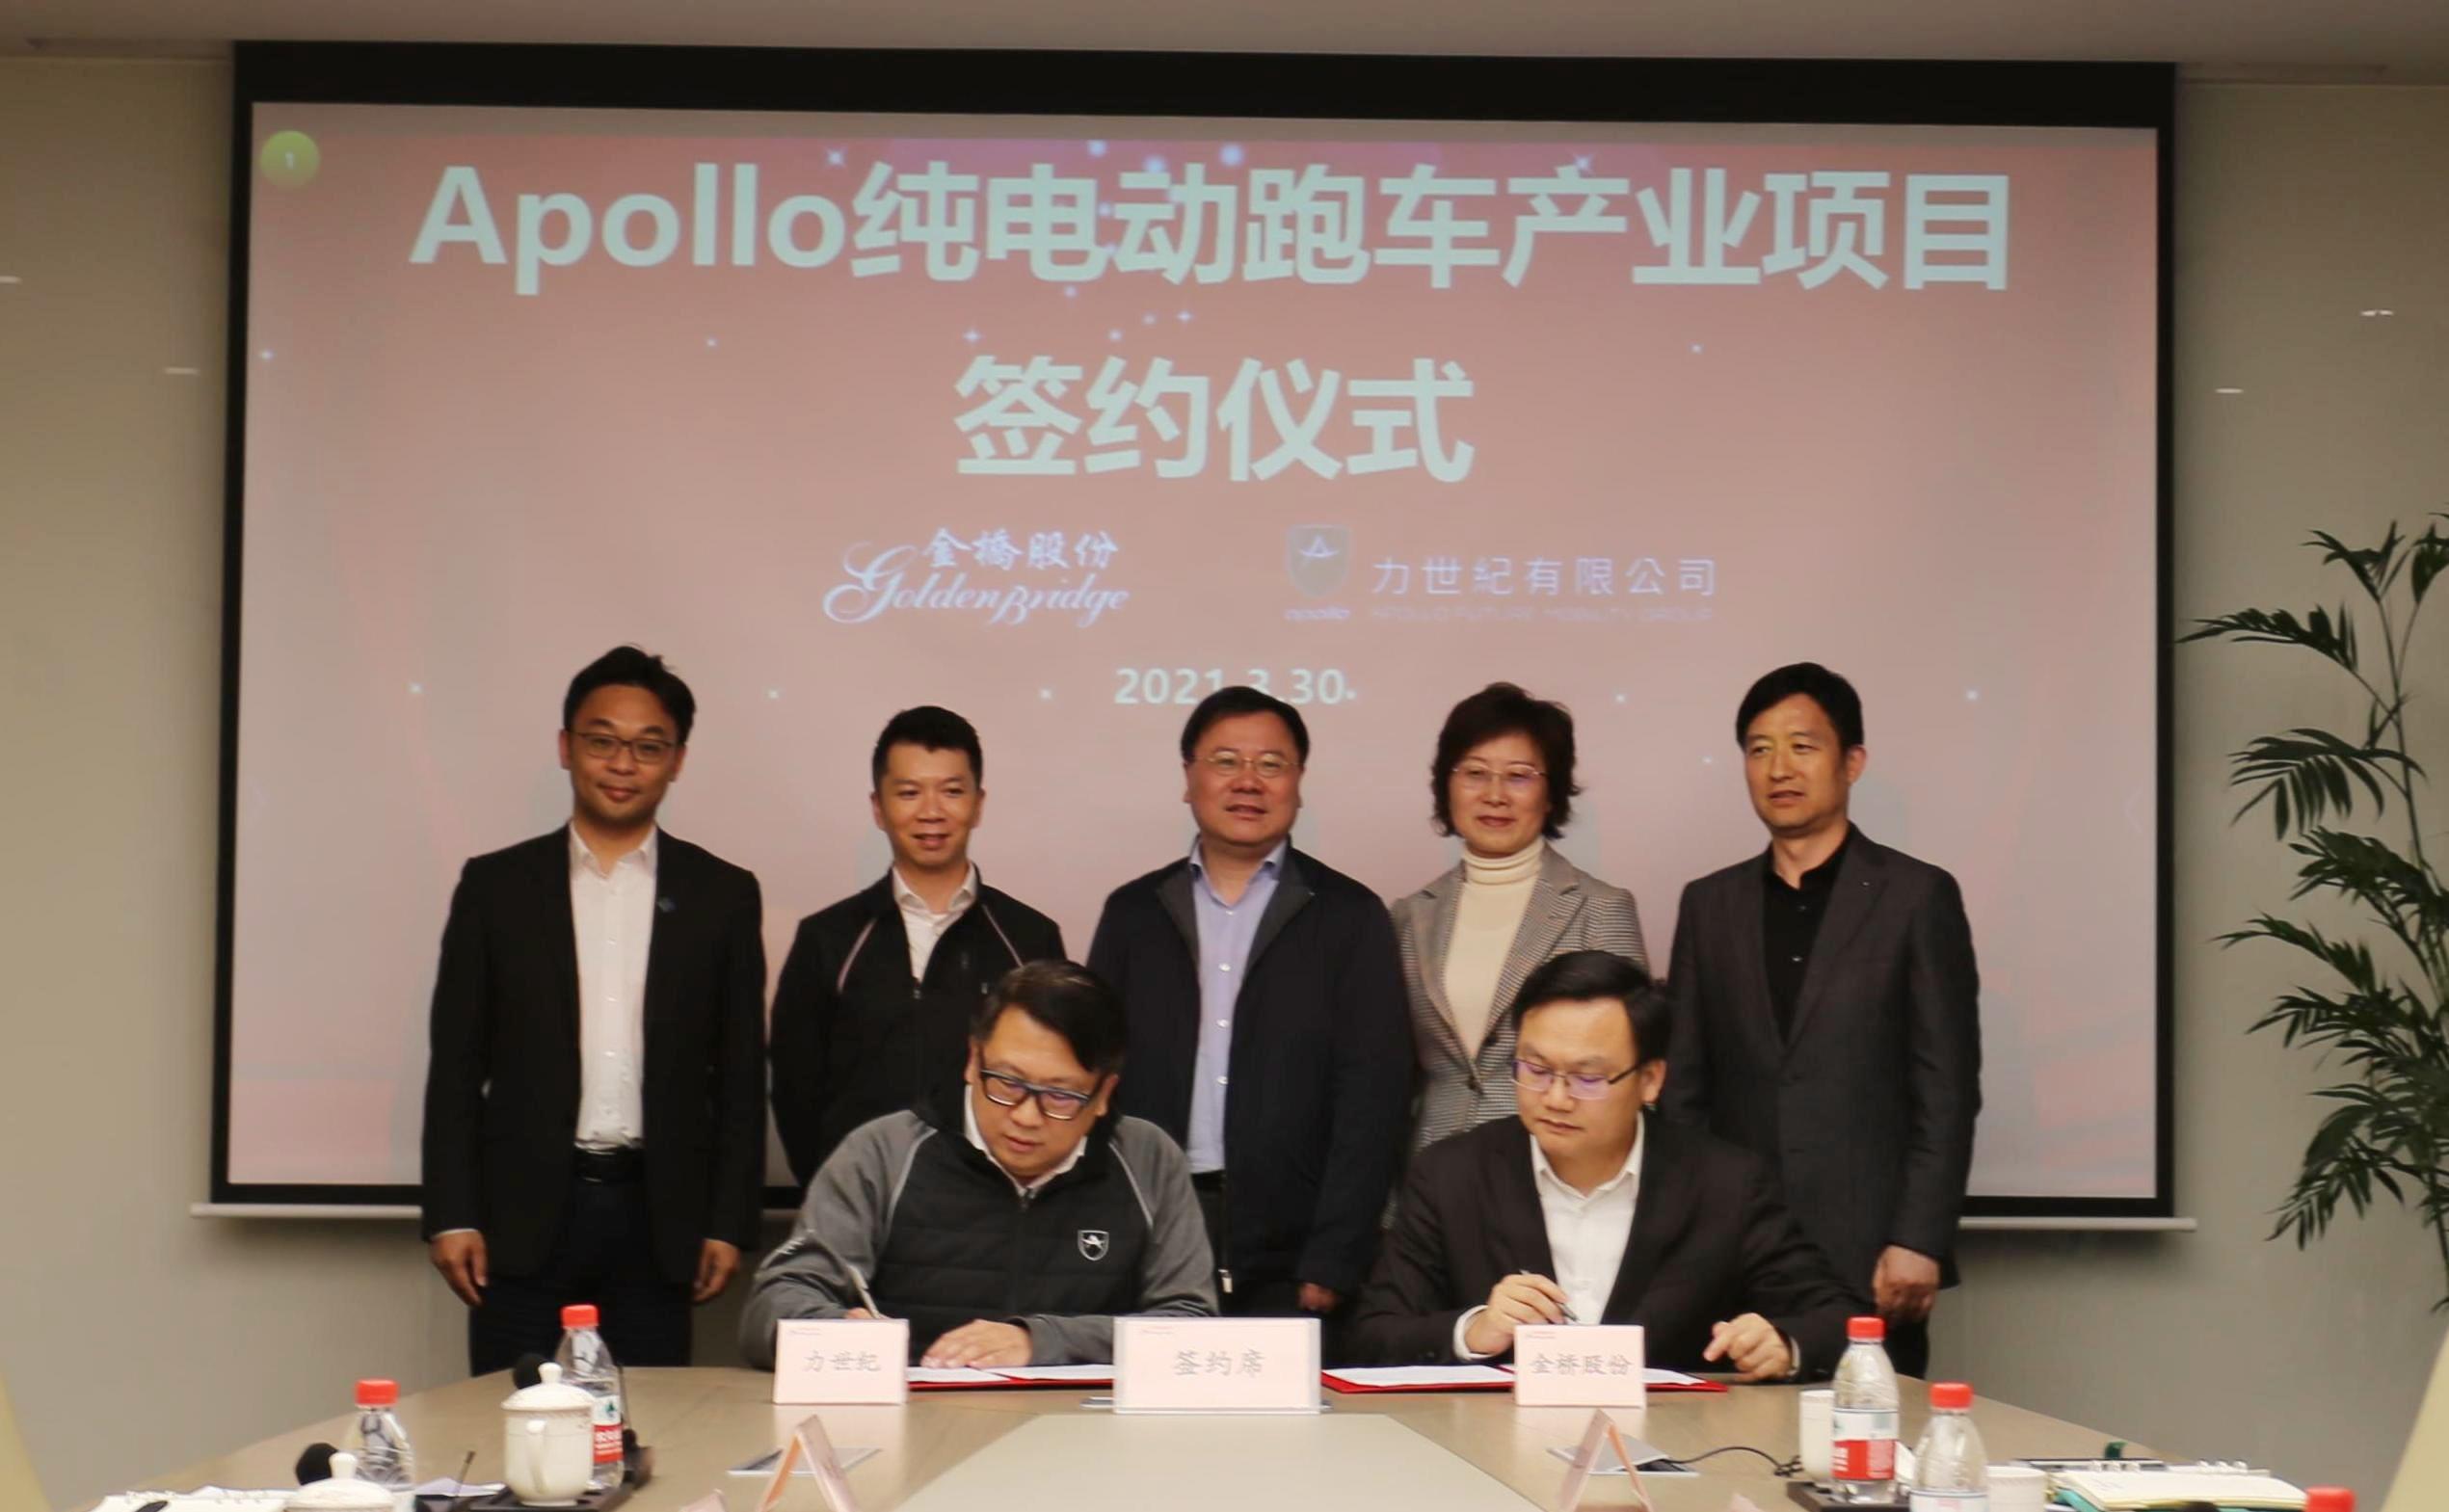 力世纪宣布与上海金桥签订合作框架协议